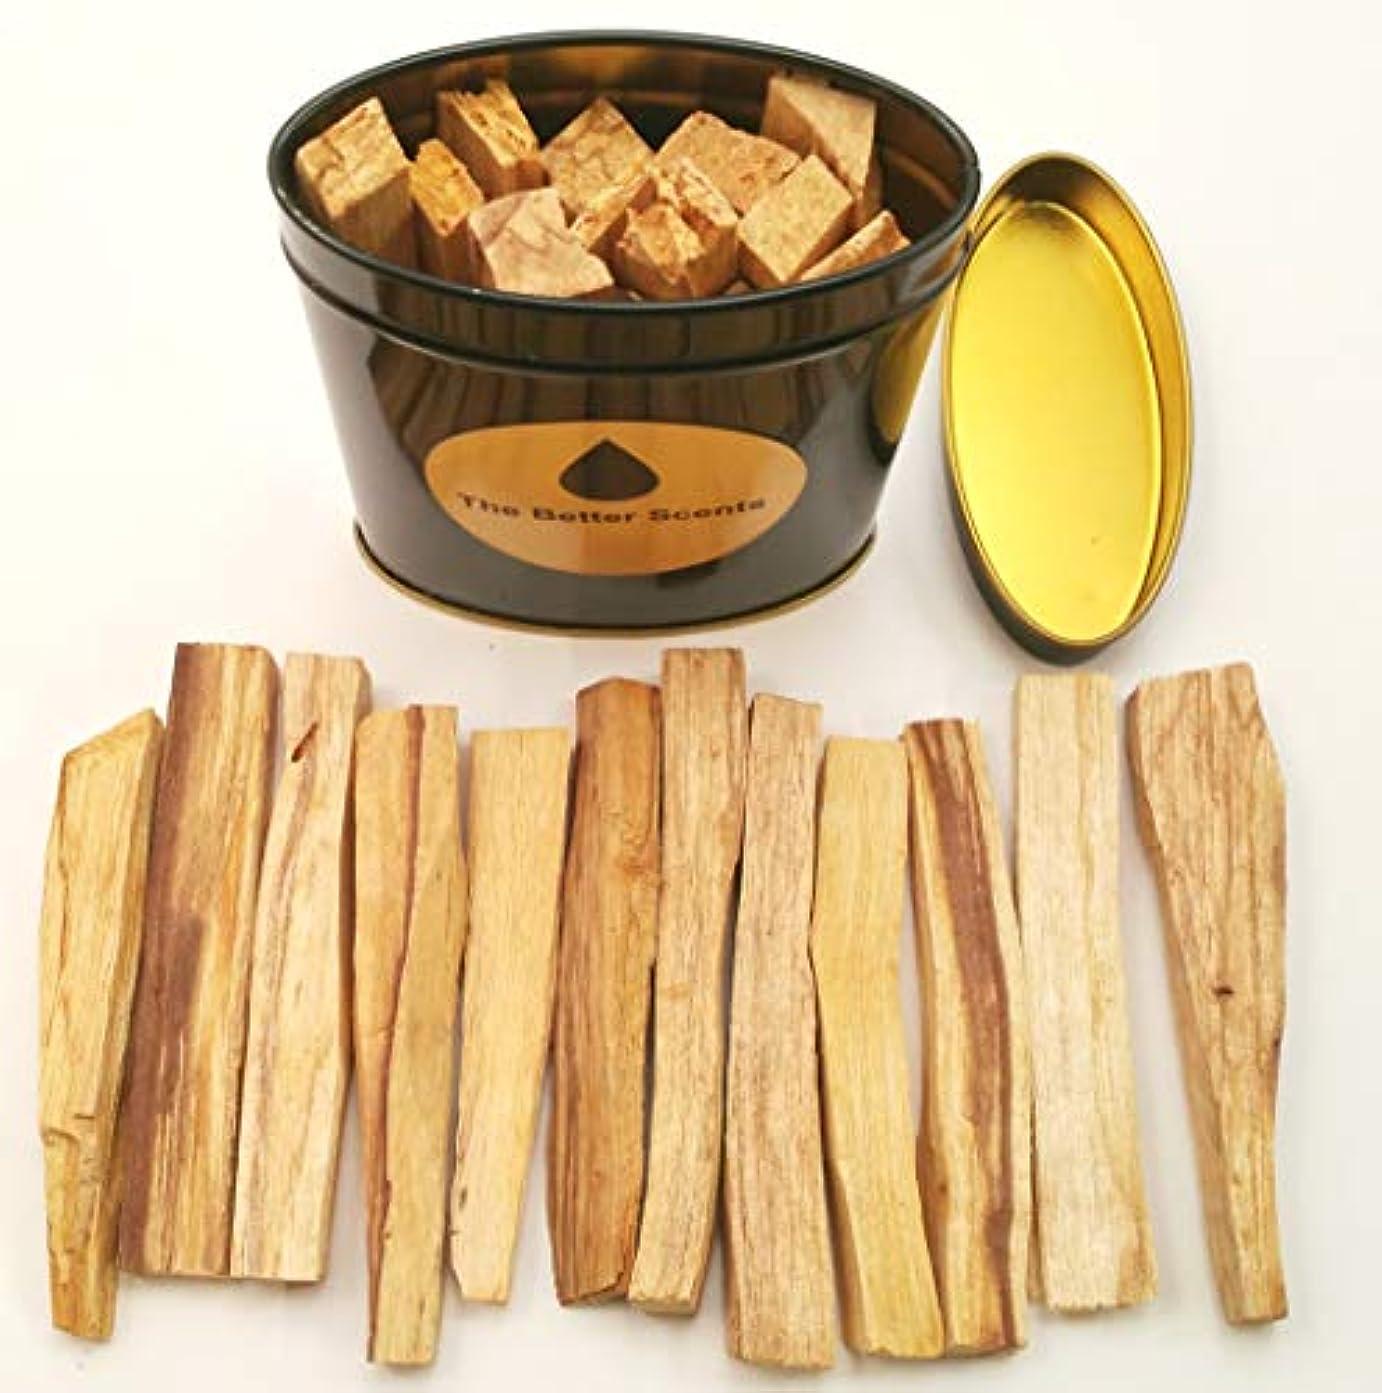 苦難許容願望Palo Santo Sticks ギフトボックス - オーガニックな野生収穫 本物の100%天然無成型パロサント スマッジスティック